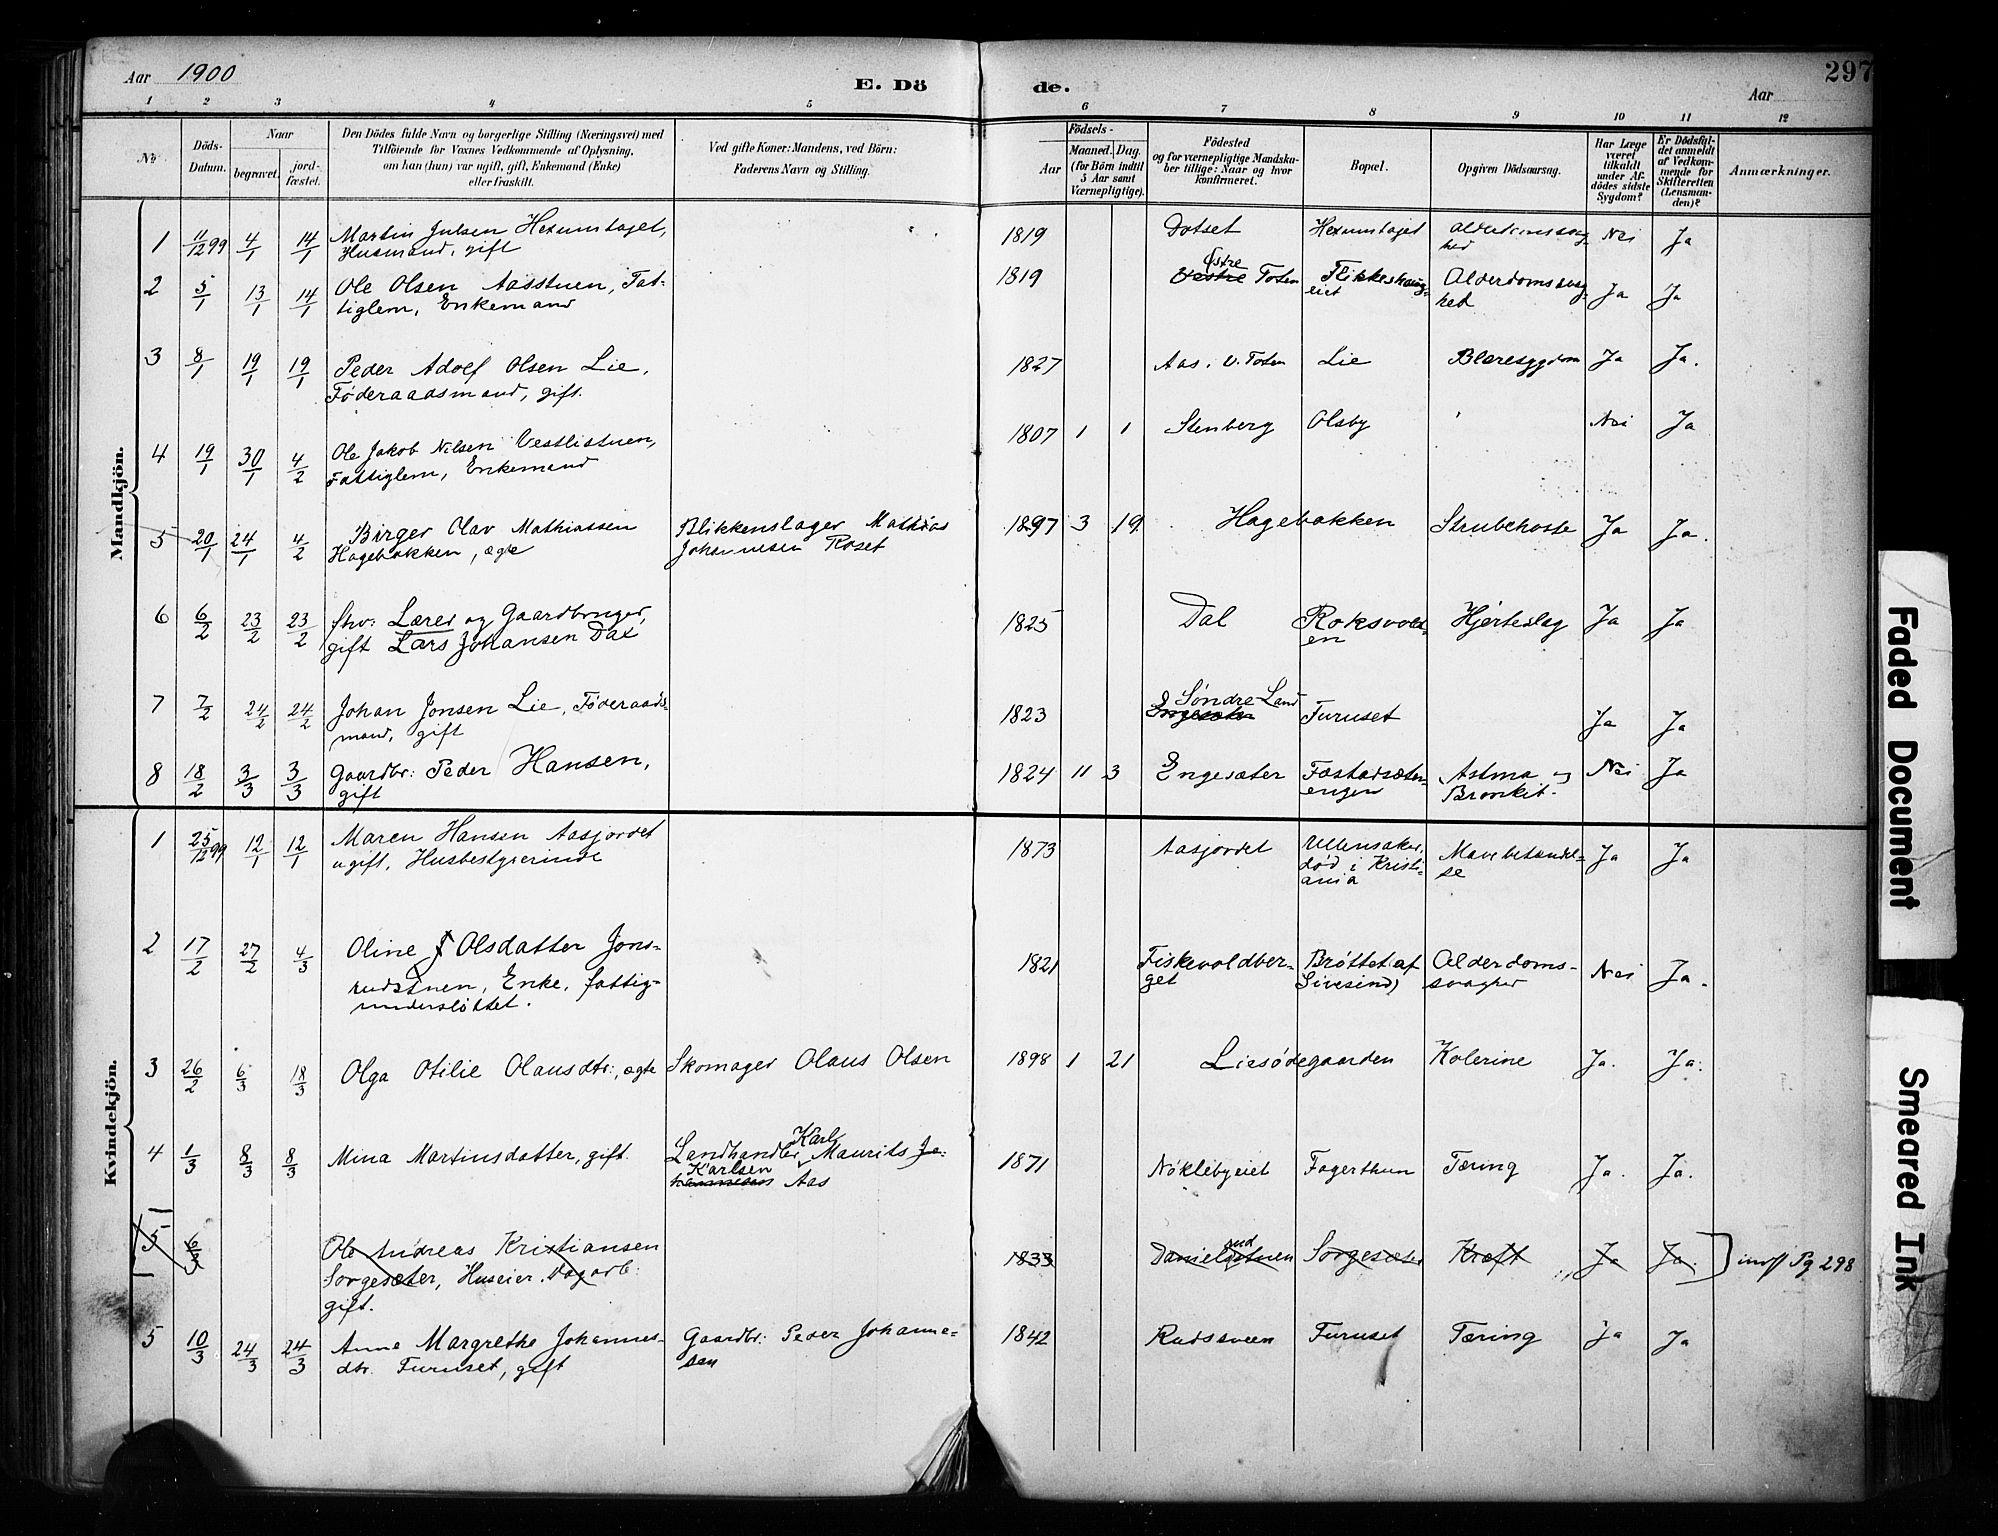 SAH, Vestre Toten prestekontor, Ministerialbok nr. 11, 1895-1906, s. 297